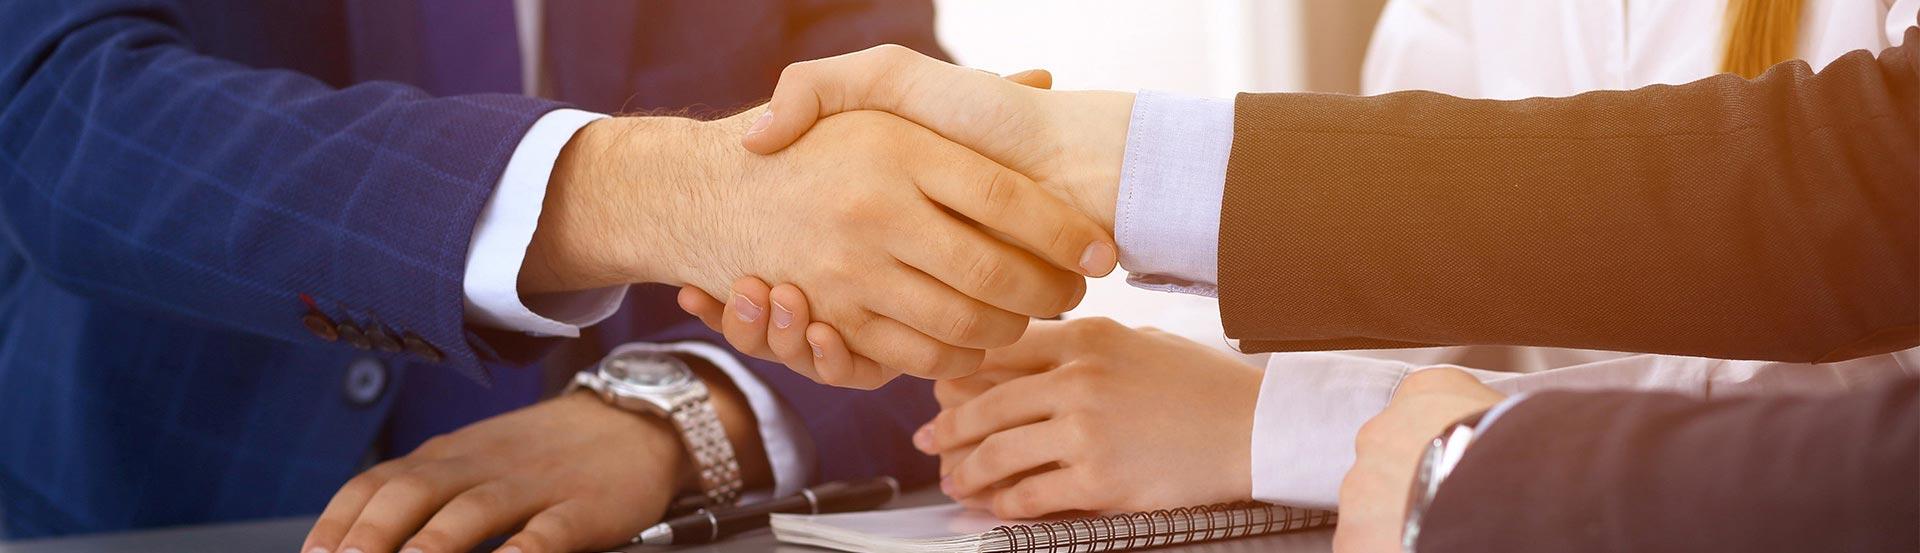 ENGIE - Enquête collaborateurs, questionnaire en ligne d'entreprise